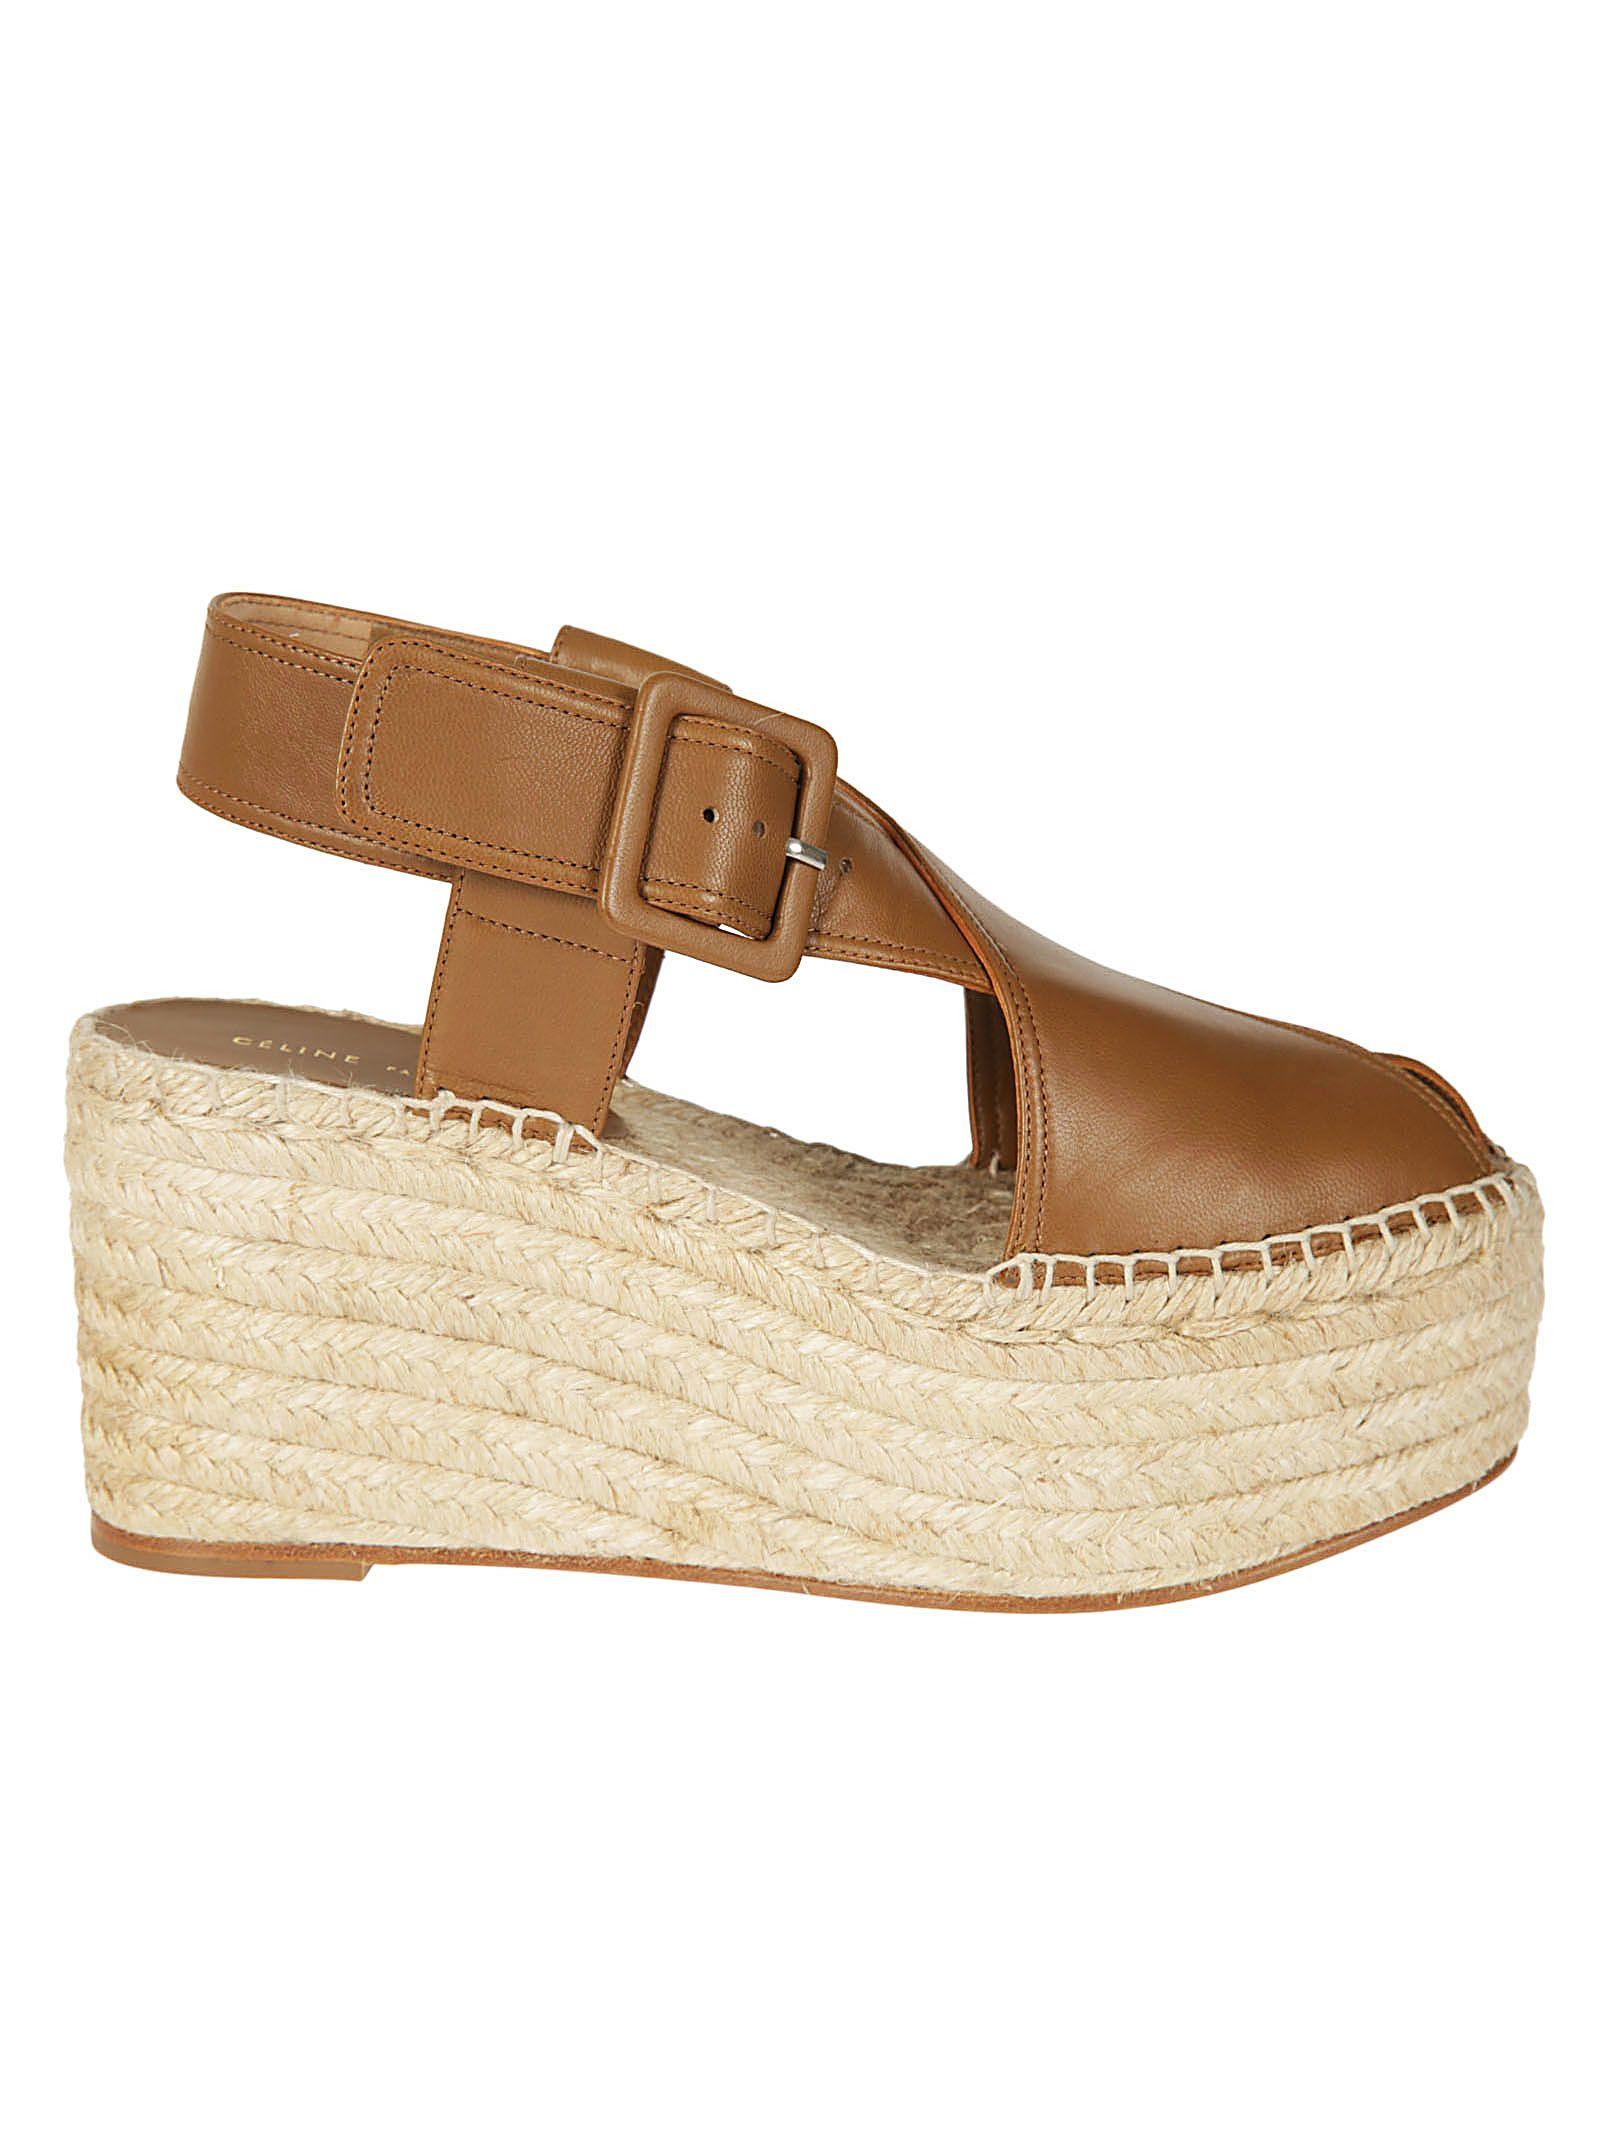 Celine Woven Wedge Sandals